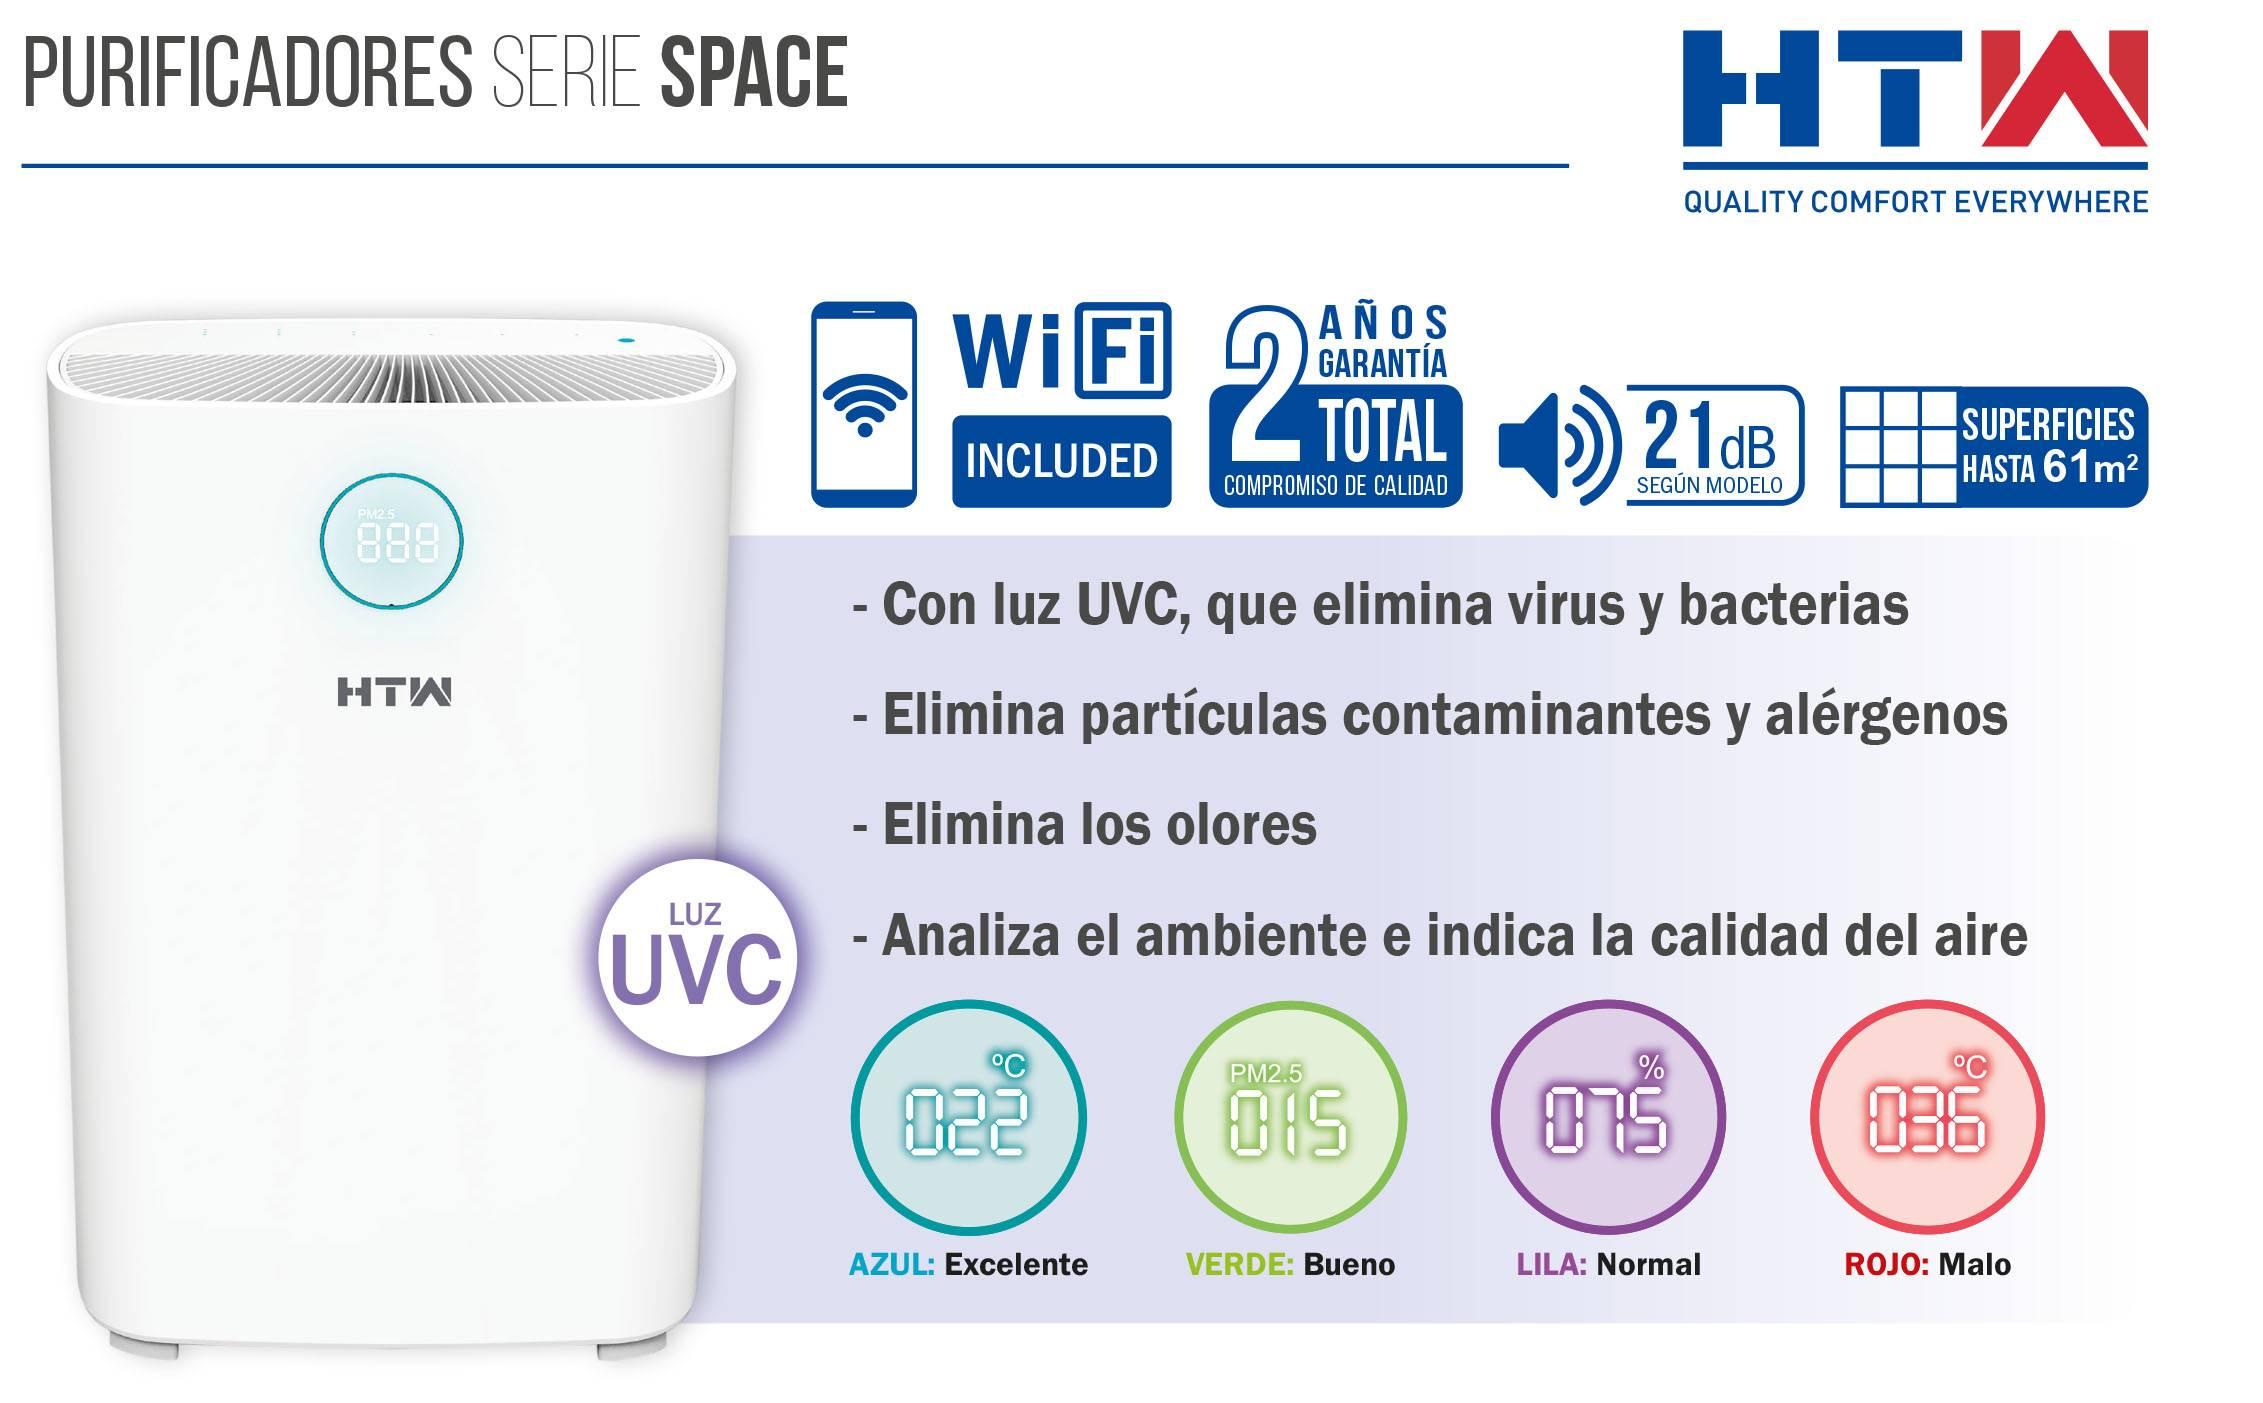 Purificador de aire HTW Space Luz UVC ficha